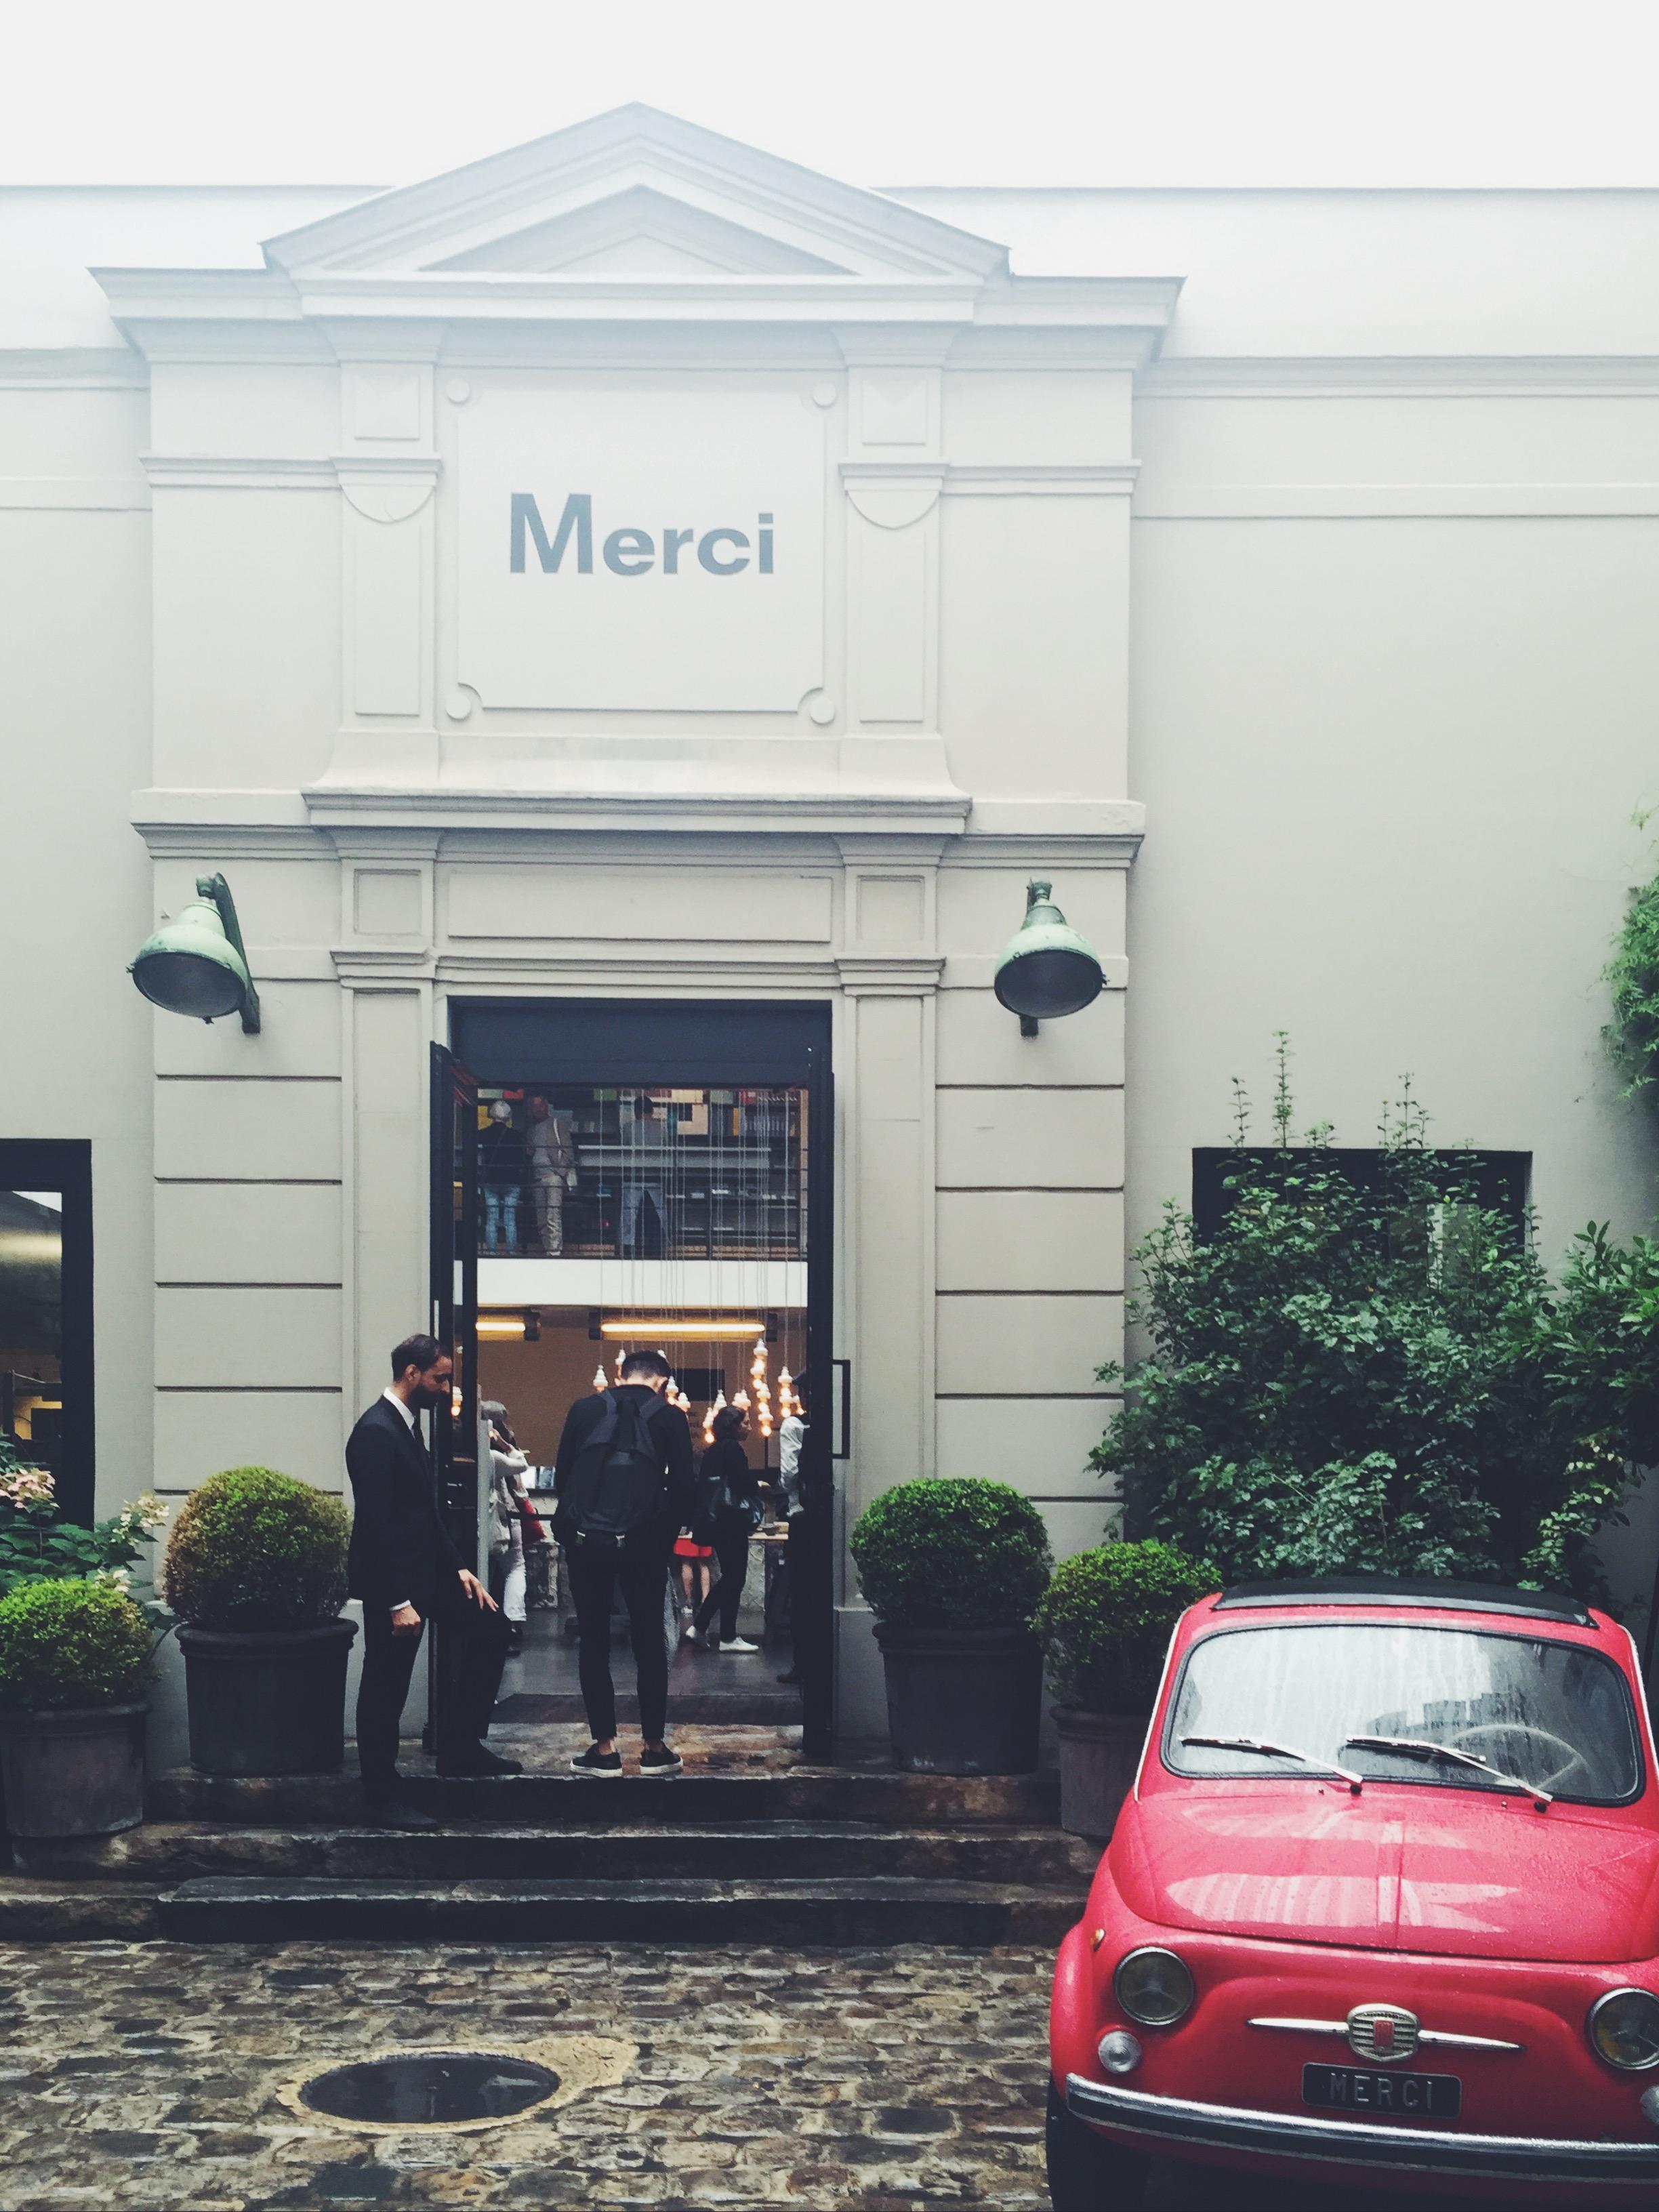 merci門口的車已成為店招牌,也是每個人都會拍的點。